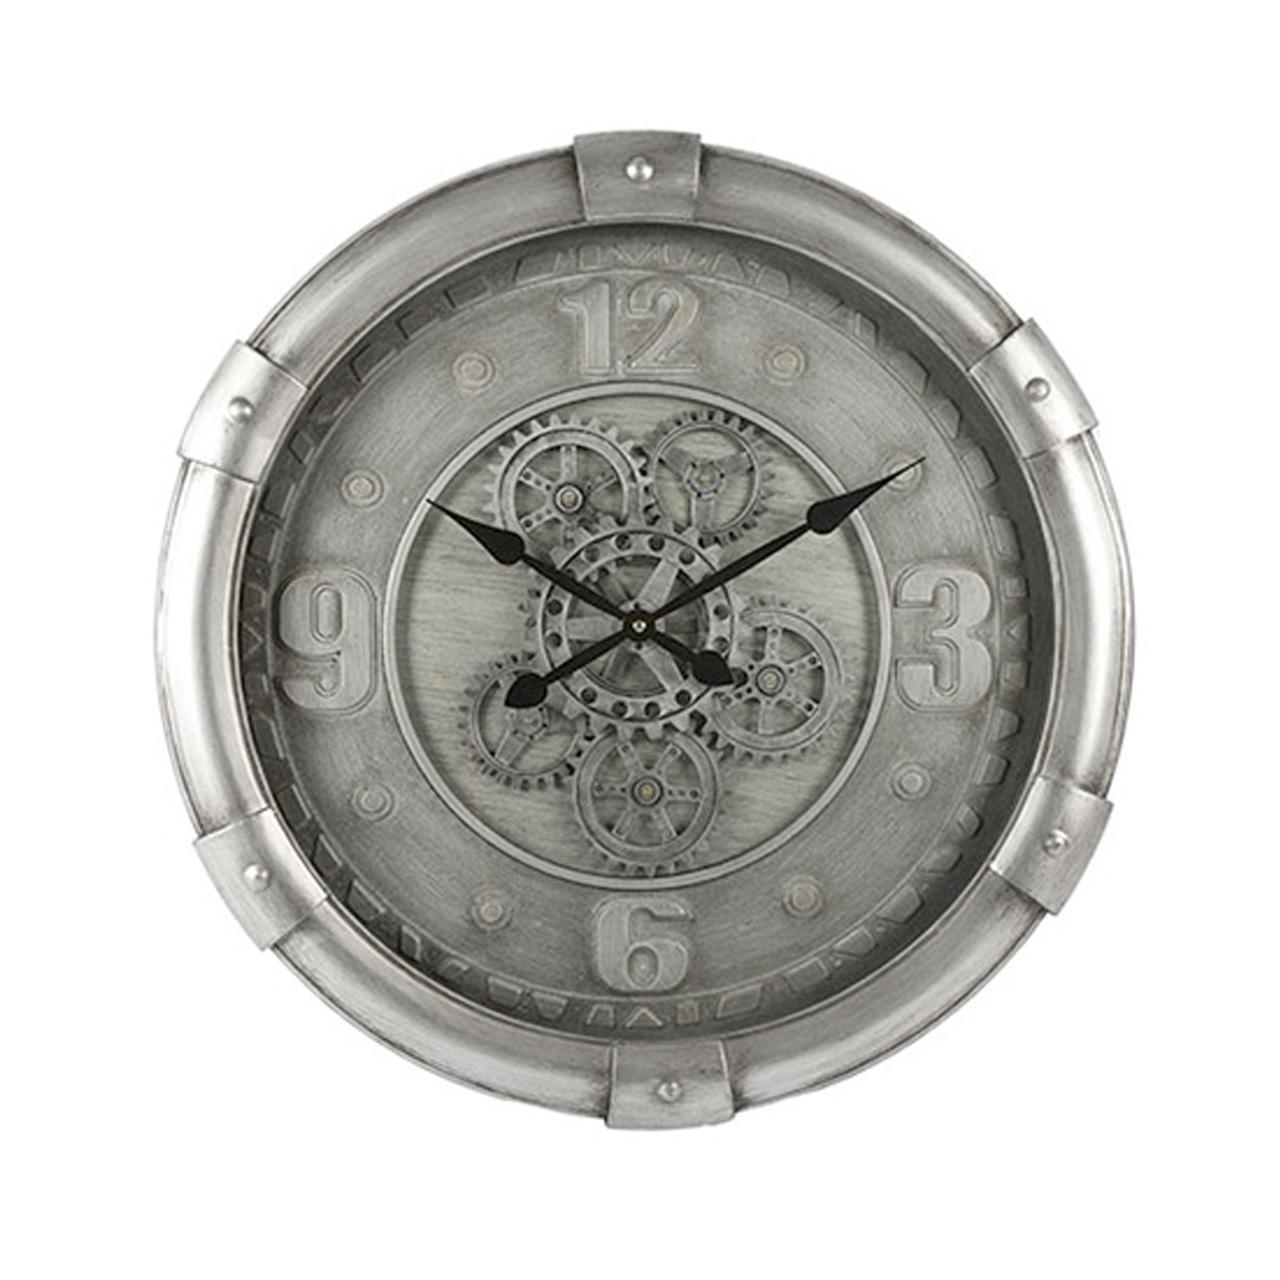 Uhr Locarno S